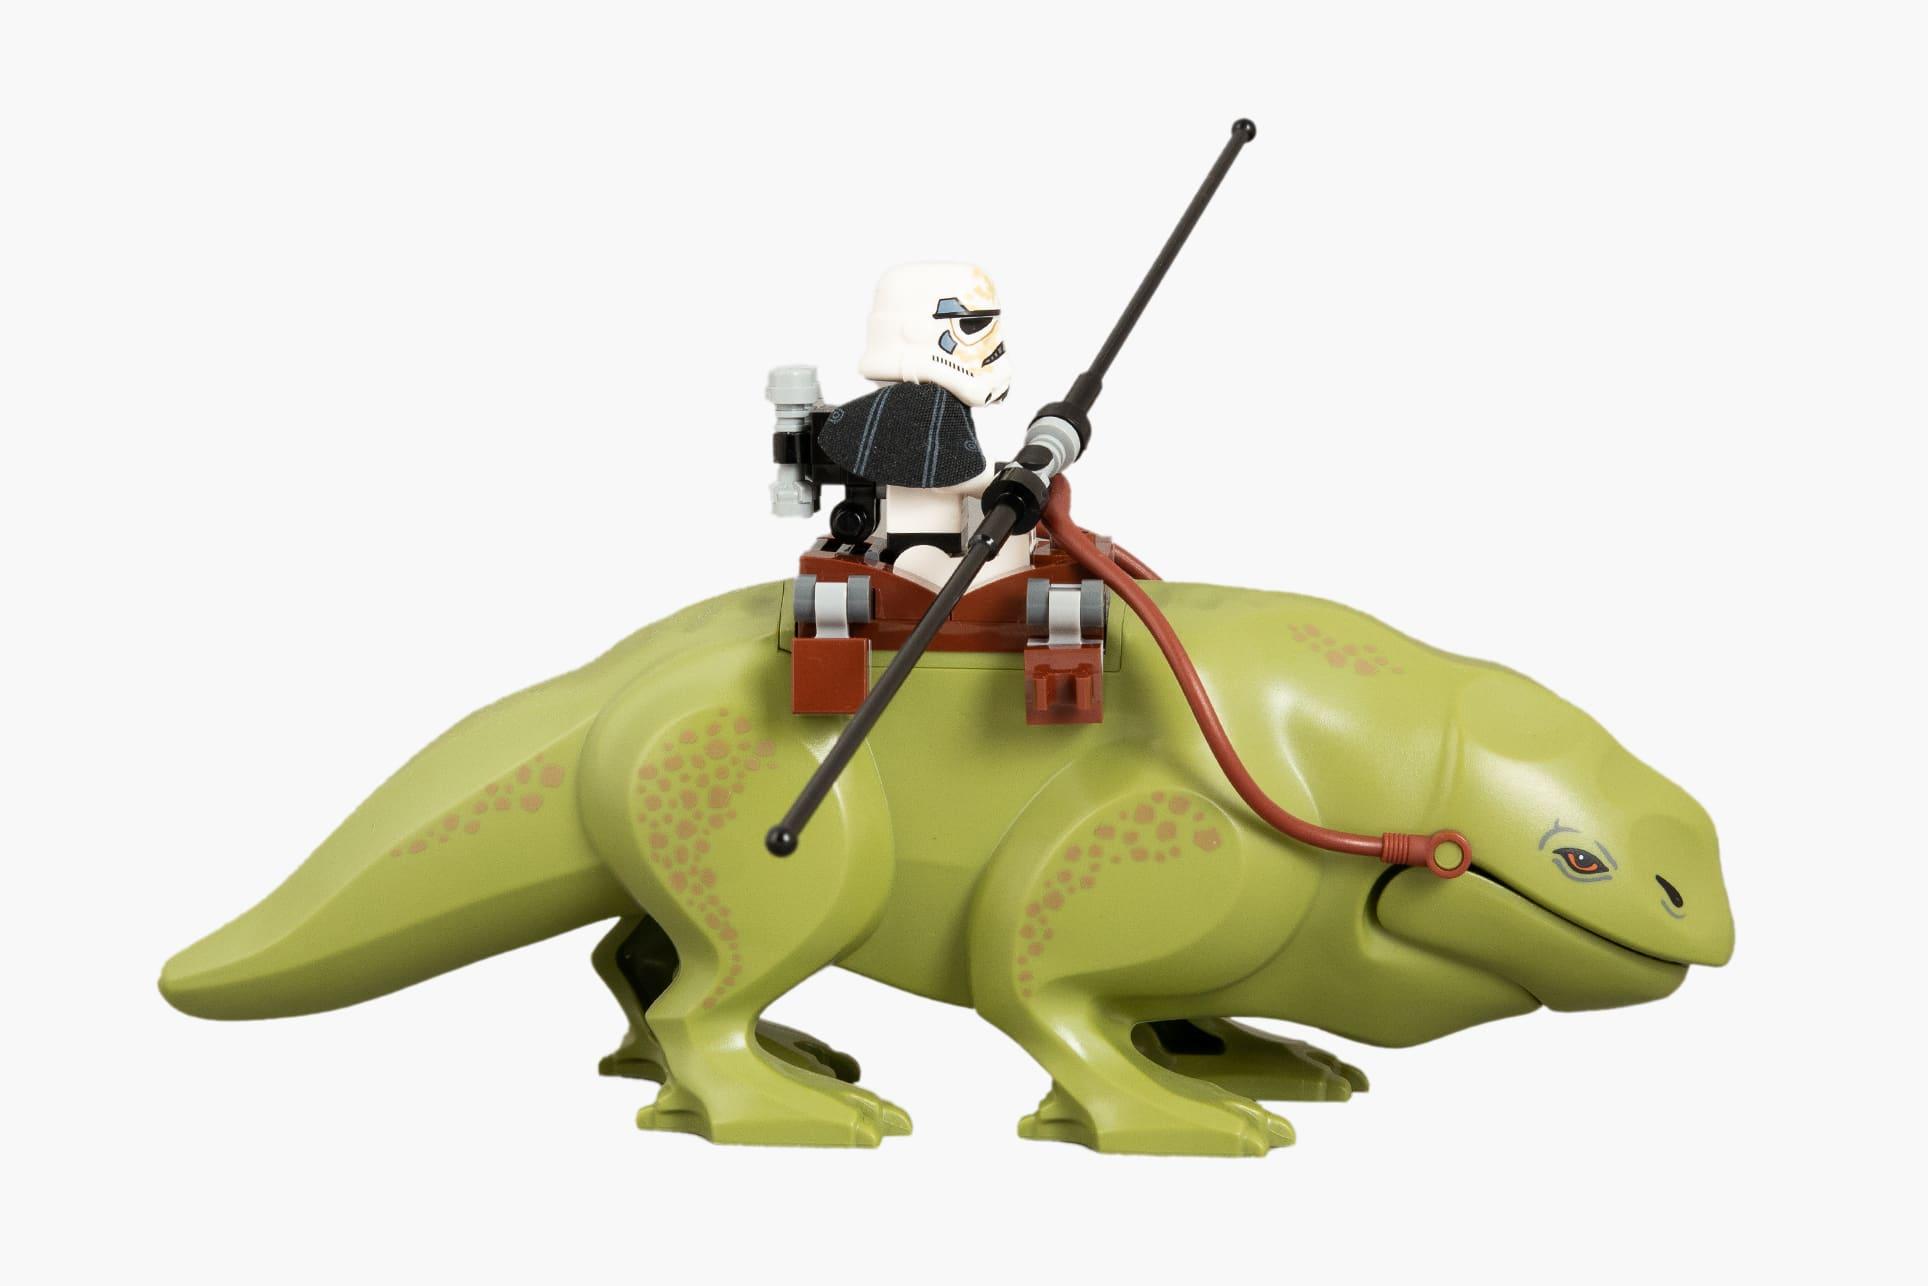 LEGO Star Wars 75052 Mos Eisley Cantina Dewback